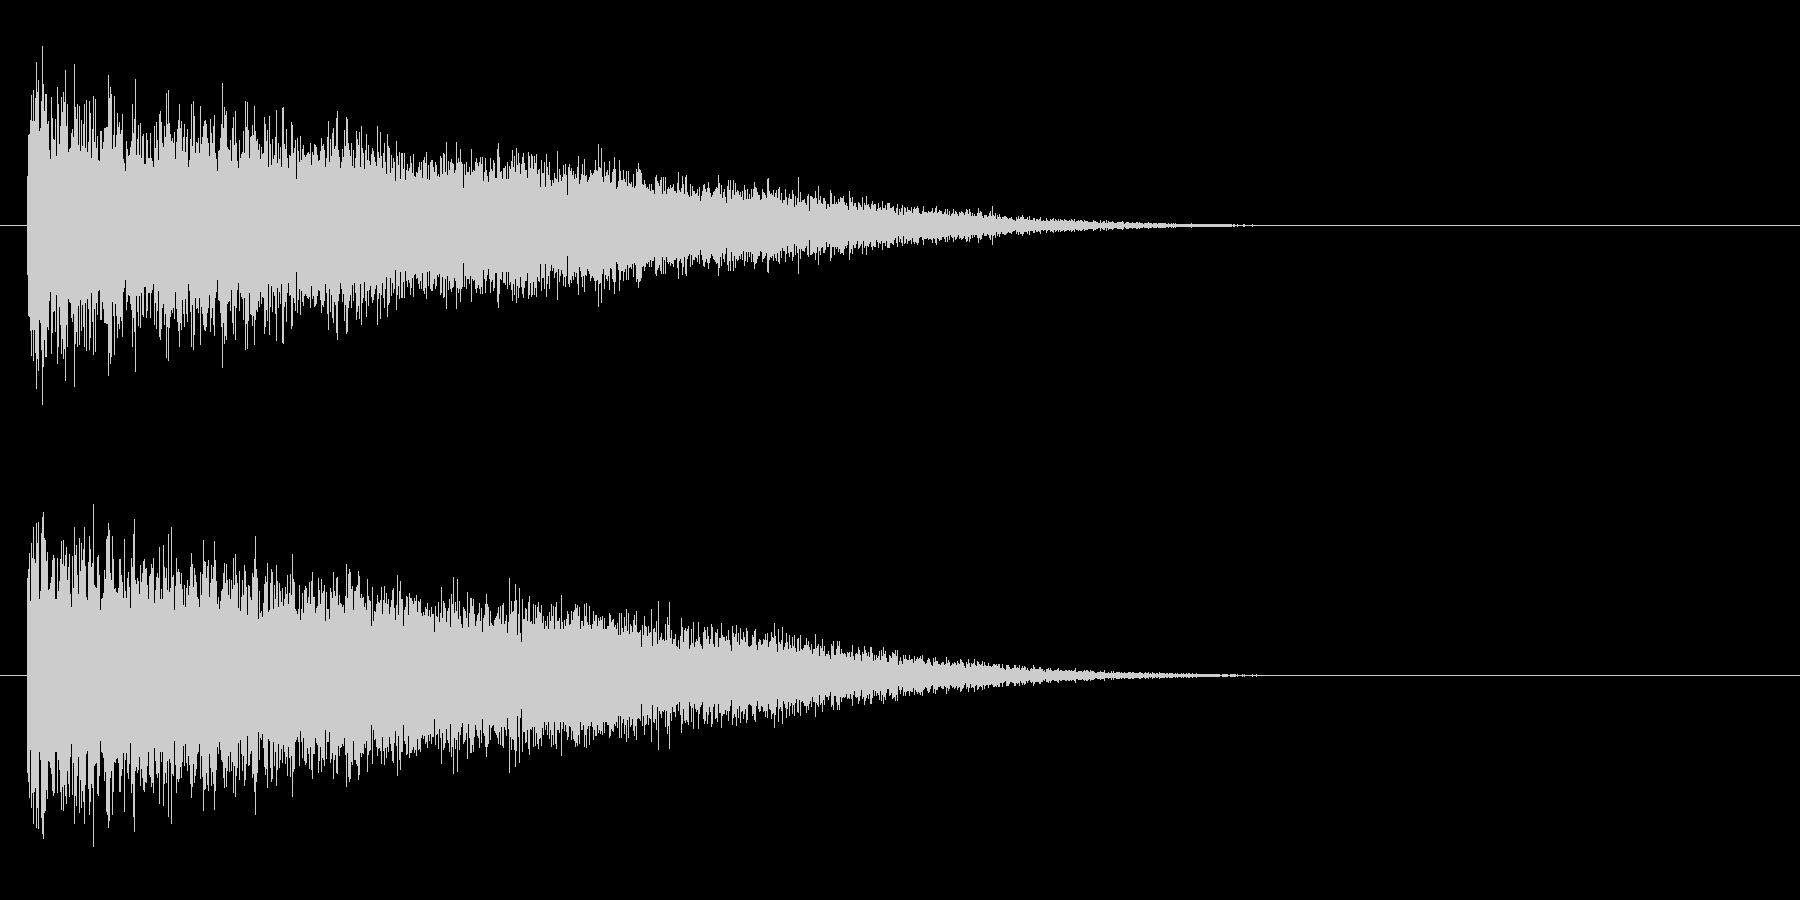 レーザー音-148-3の未再生の波形